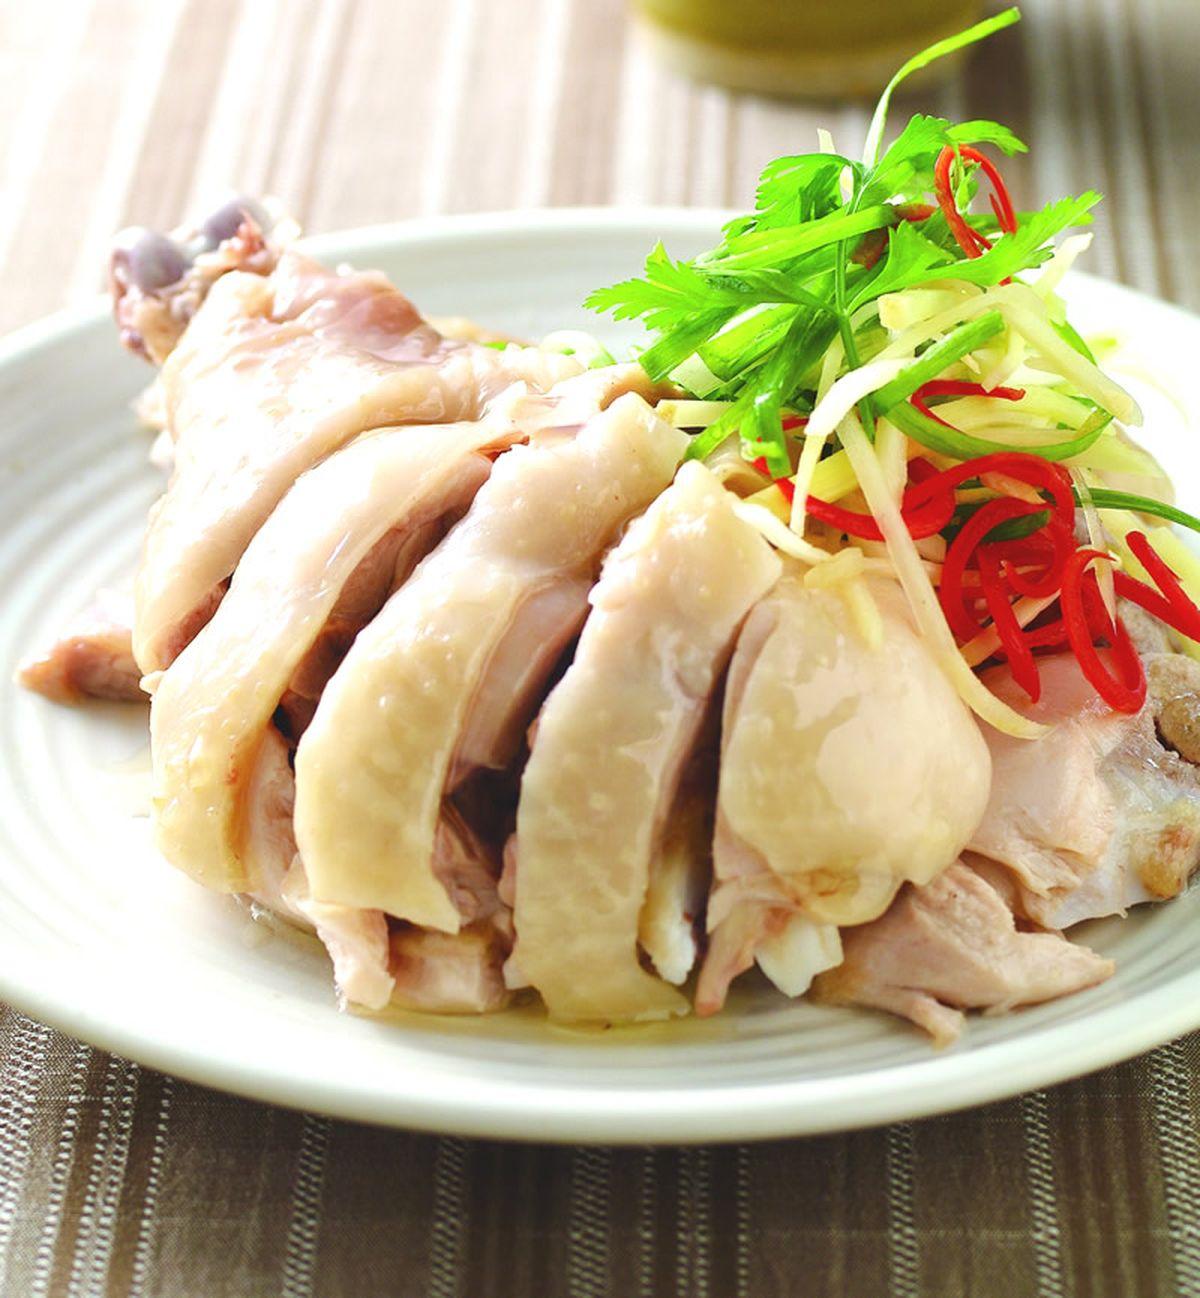 食譜:蔥油雞腿(1)